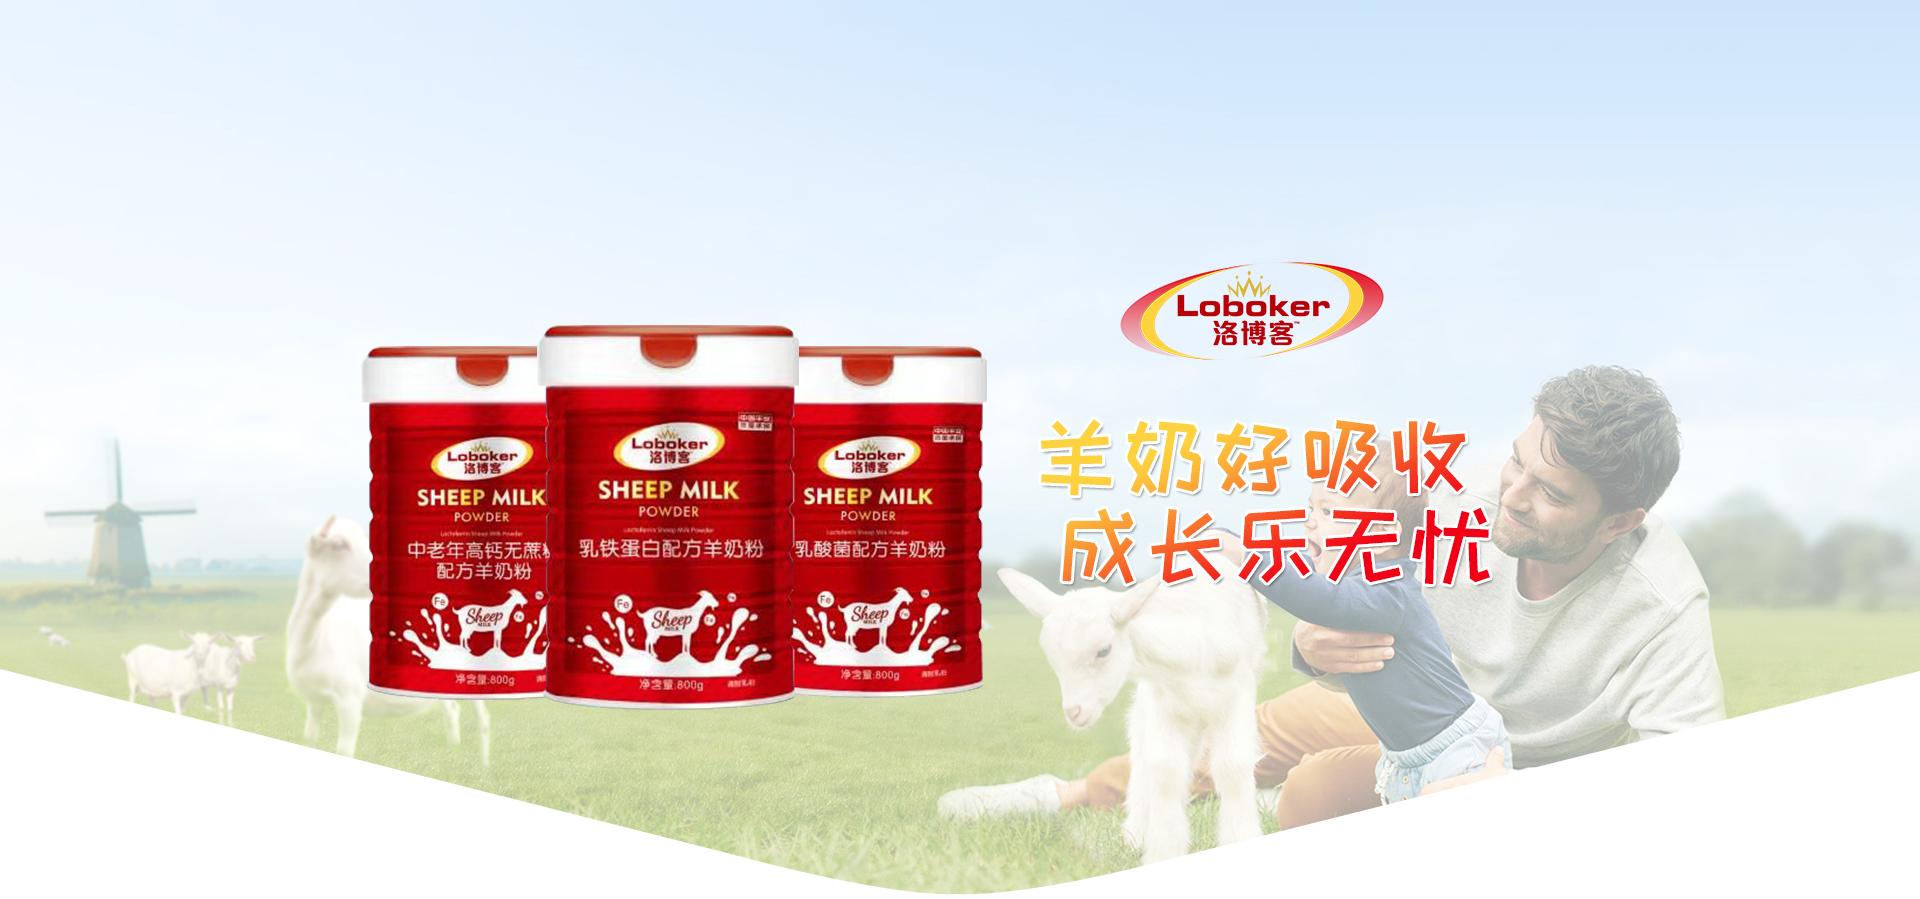 洛博客告诉你什么才是真正的配方奶粉